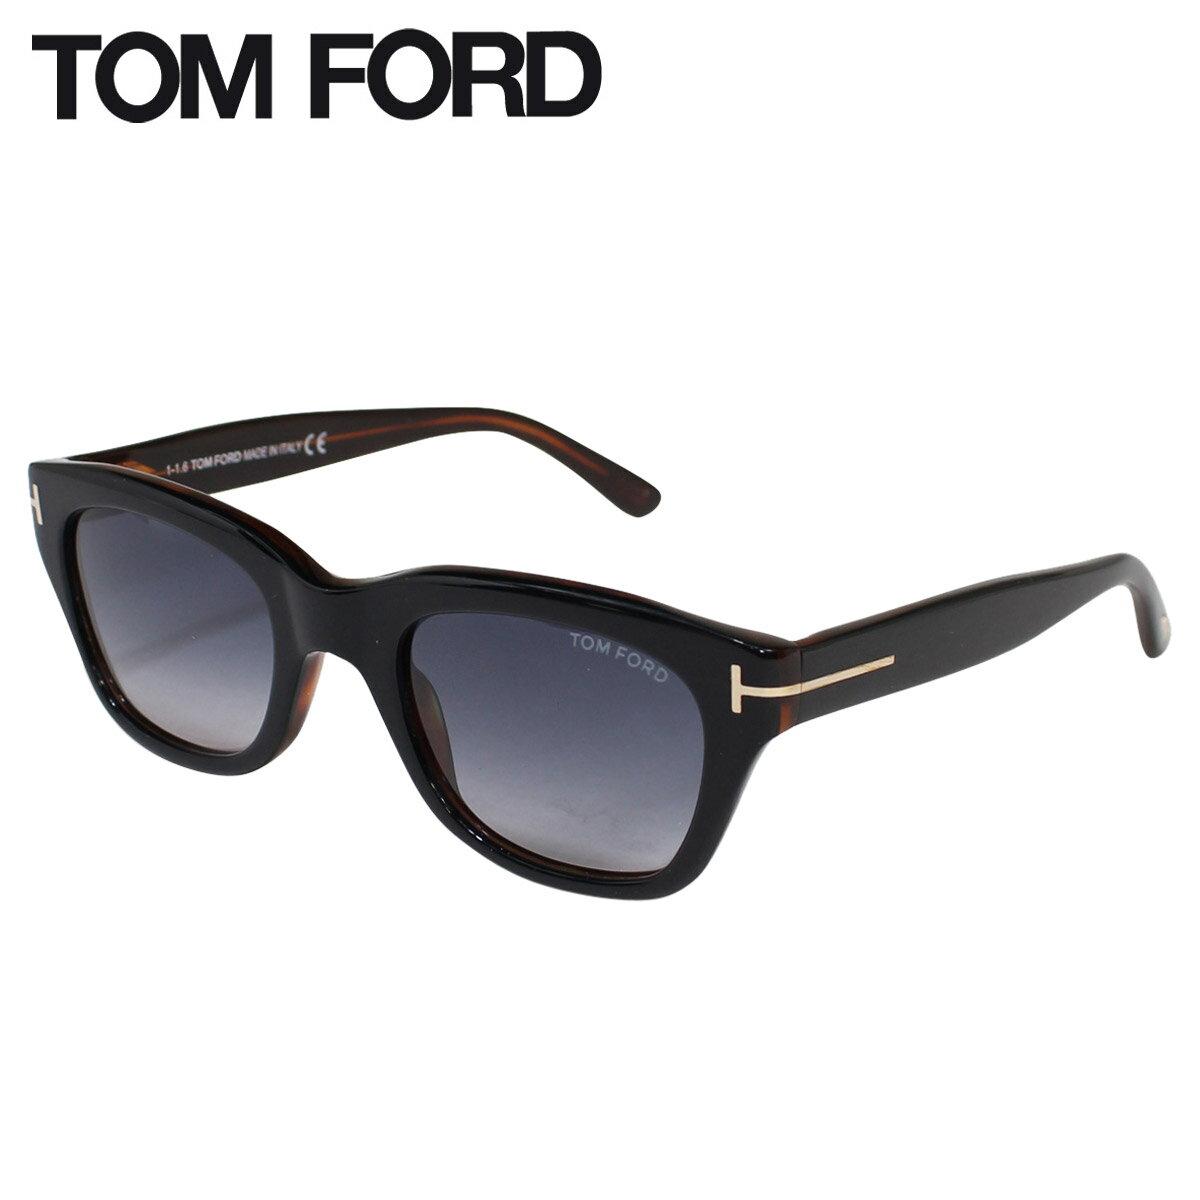 TOM FORD SNOWDON SUNGLASSES サングラス メンズ レディース トムフォード アイウェア FT0237 イタリア製 [184]